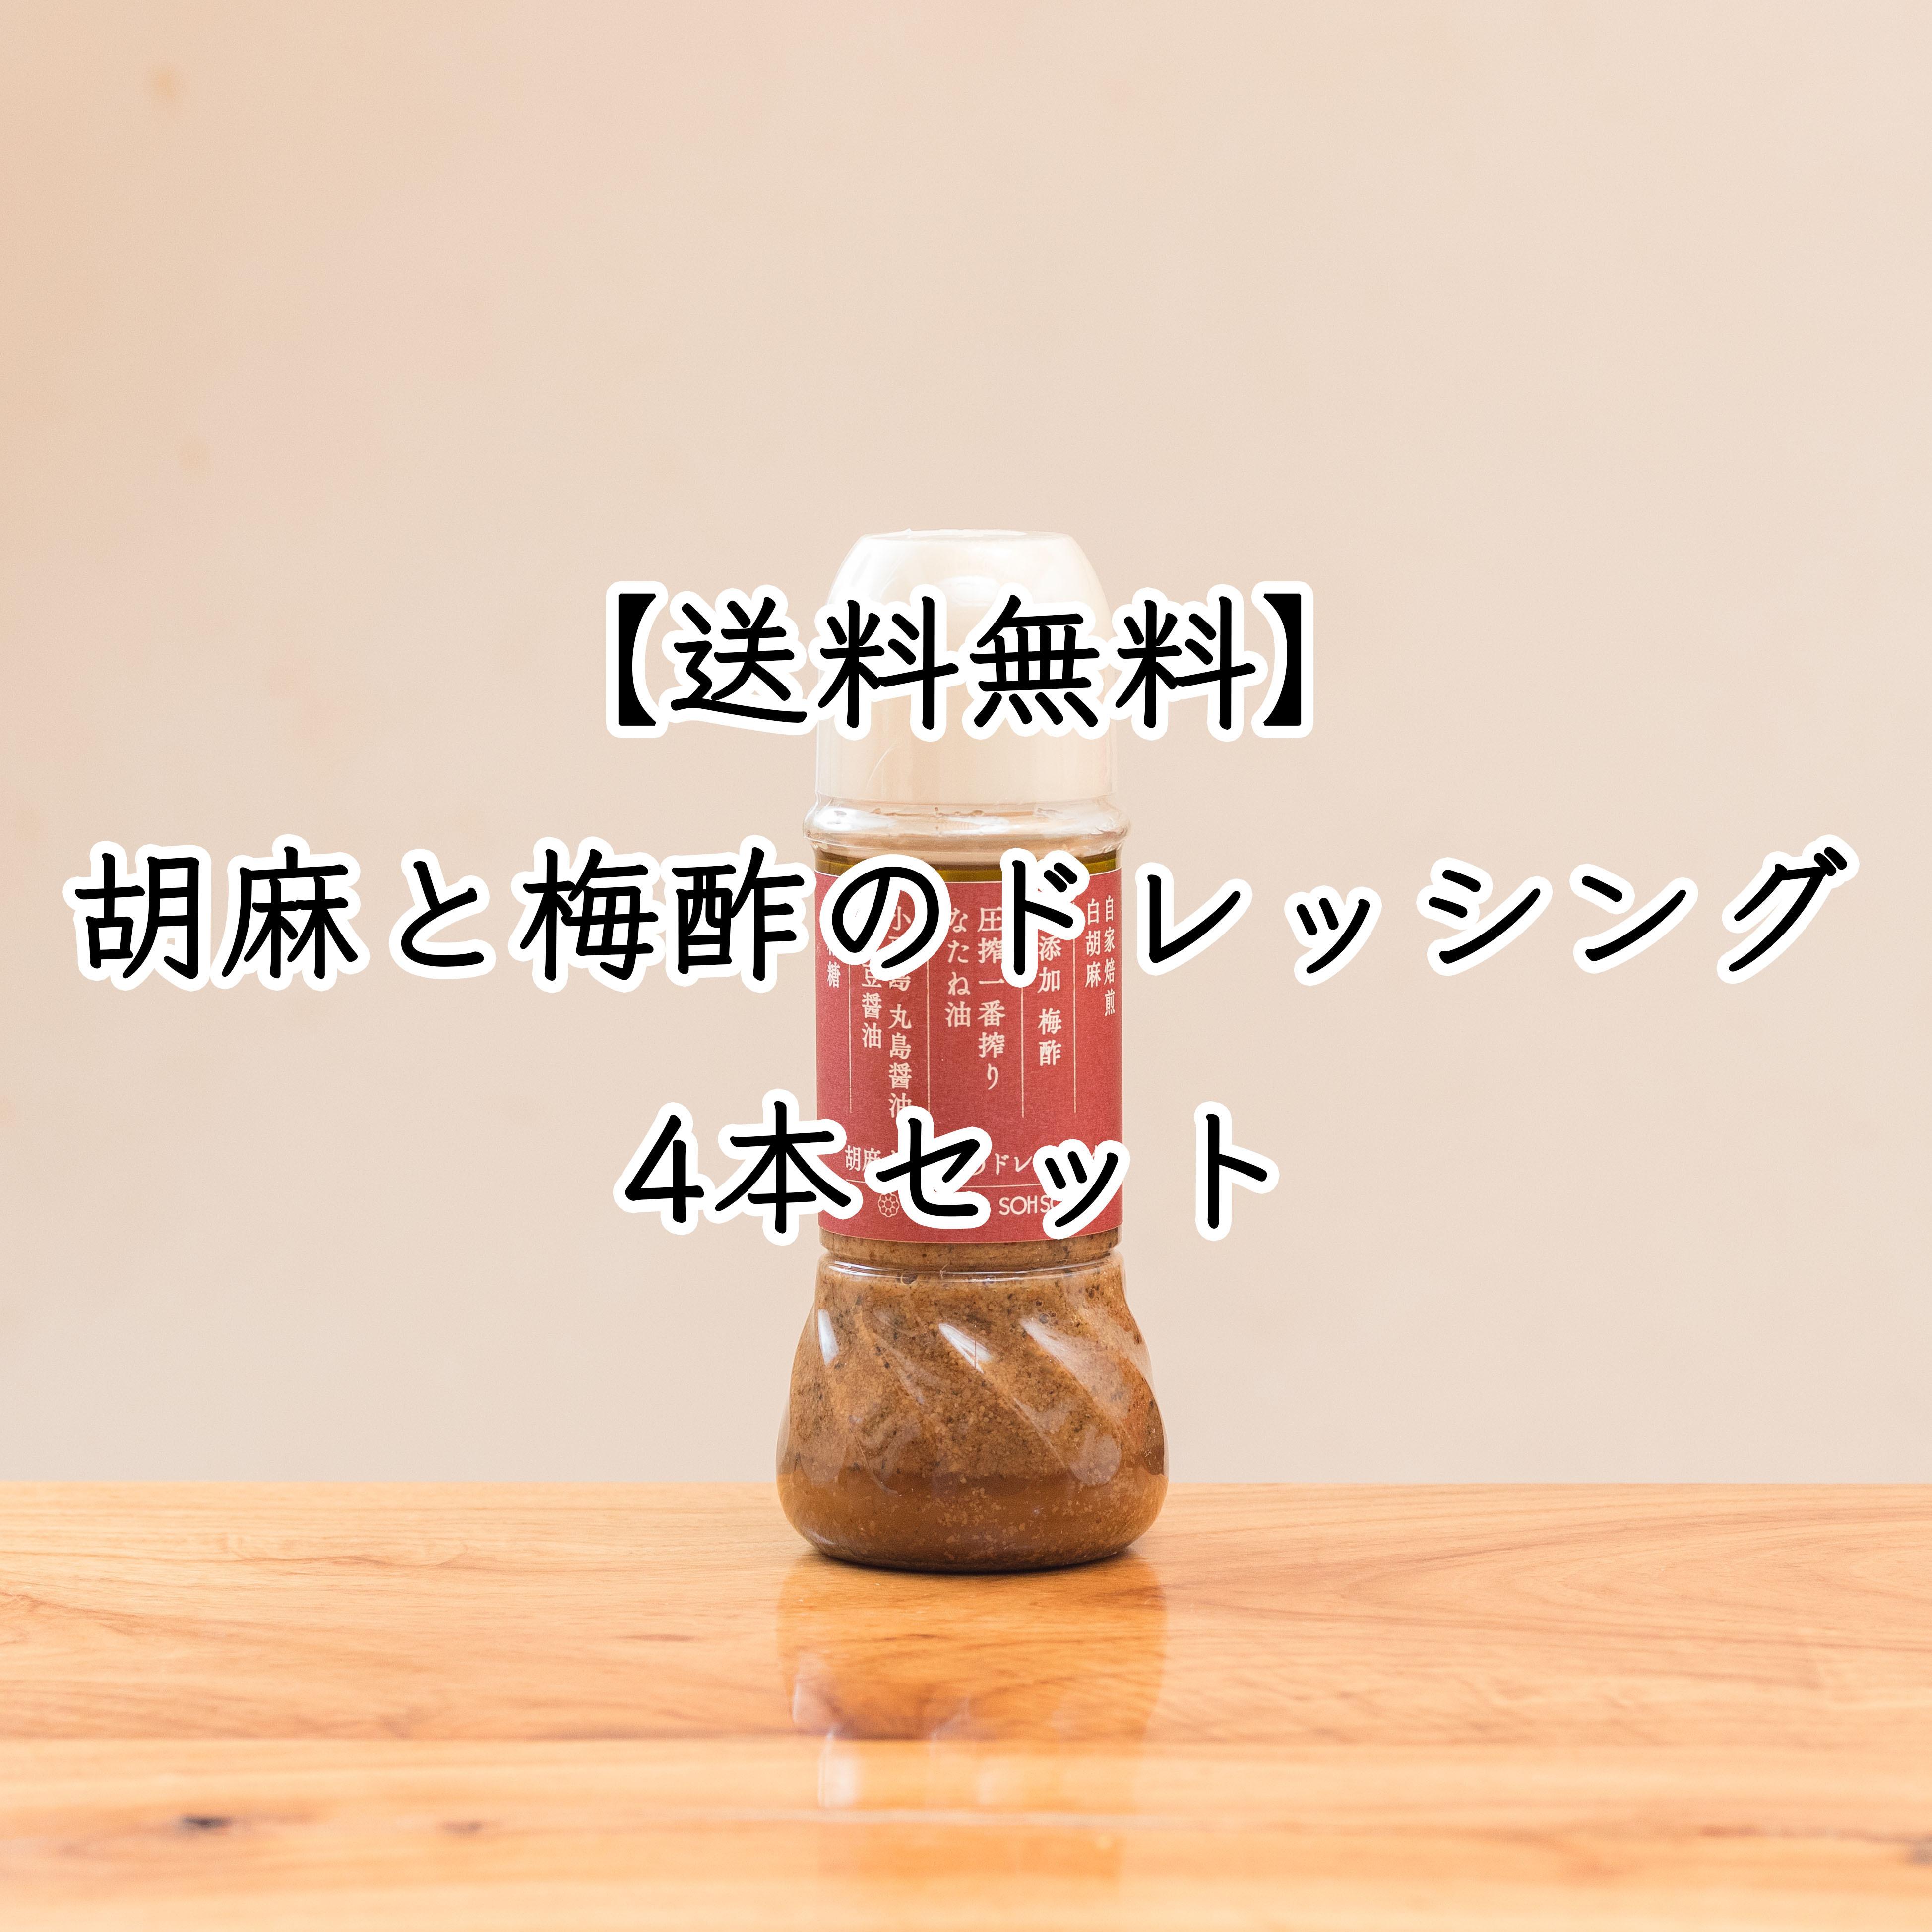 【送料無料】胡麻と梅酢のドレッシング4本